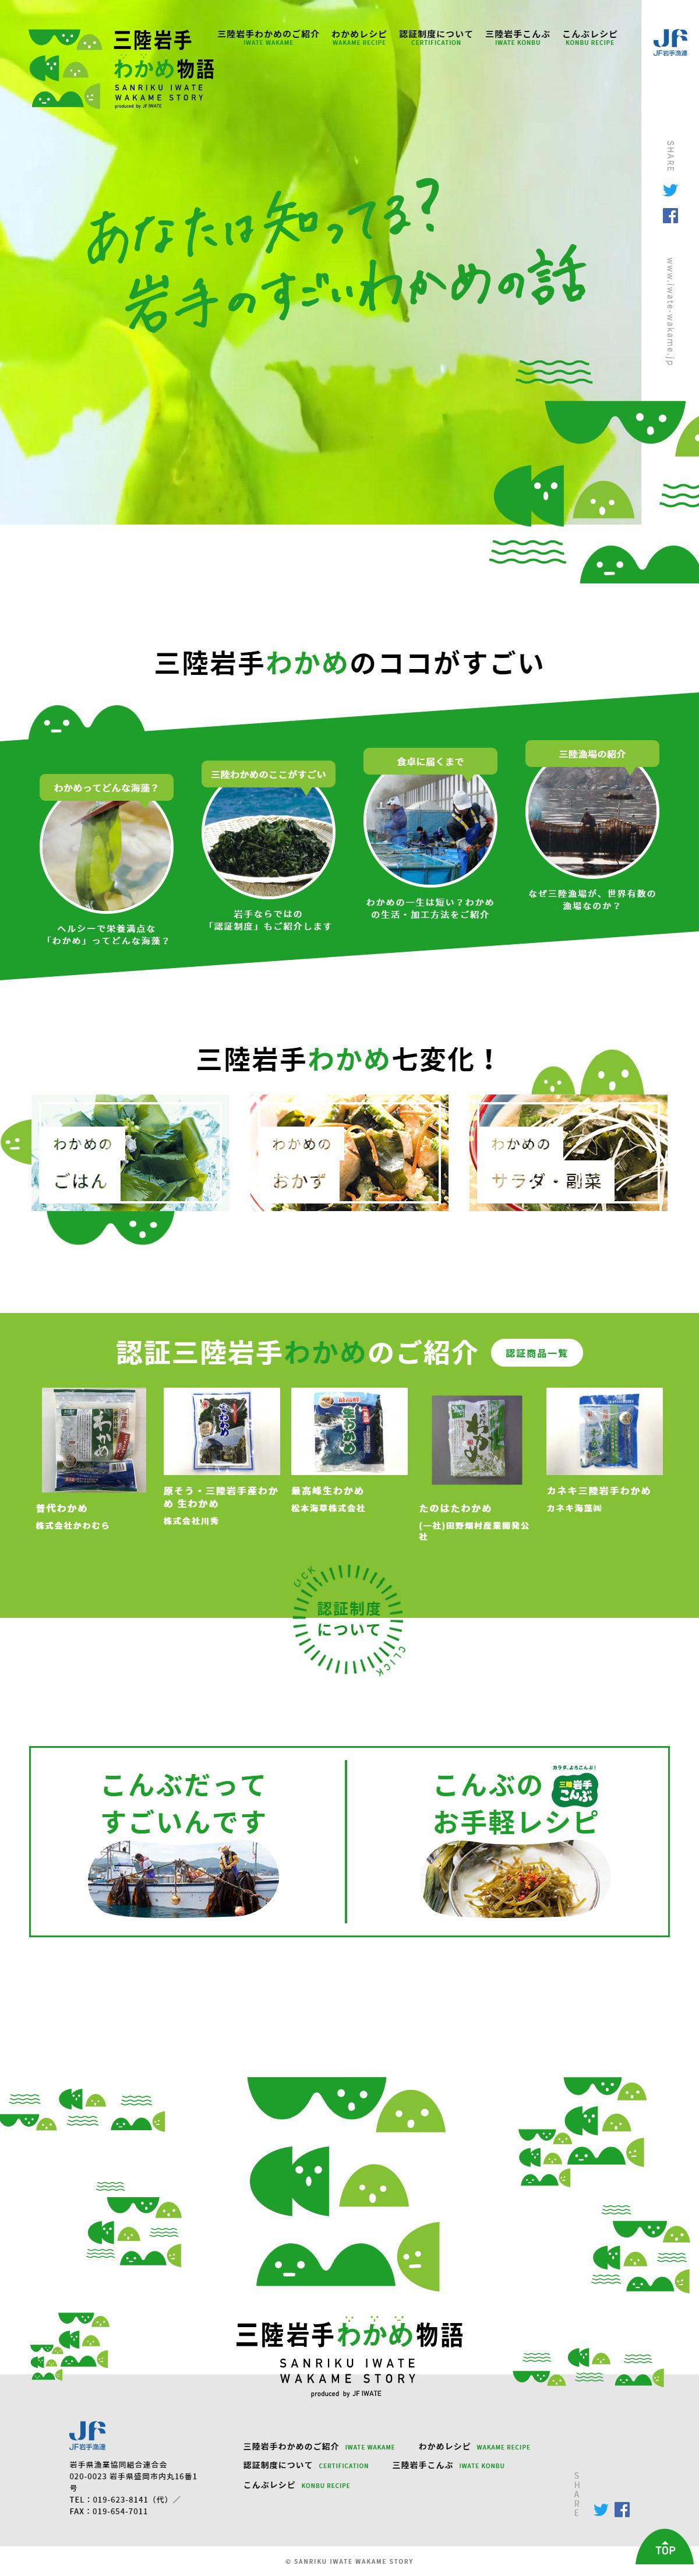 三陸岩手わかめ物語 produced by JF IWATE